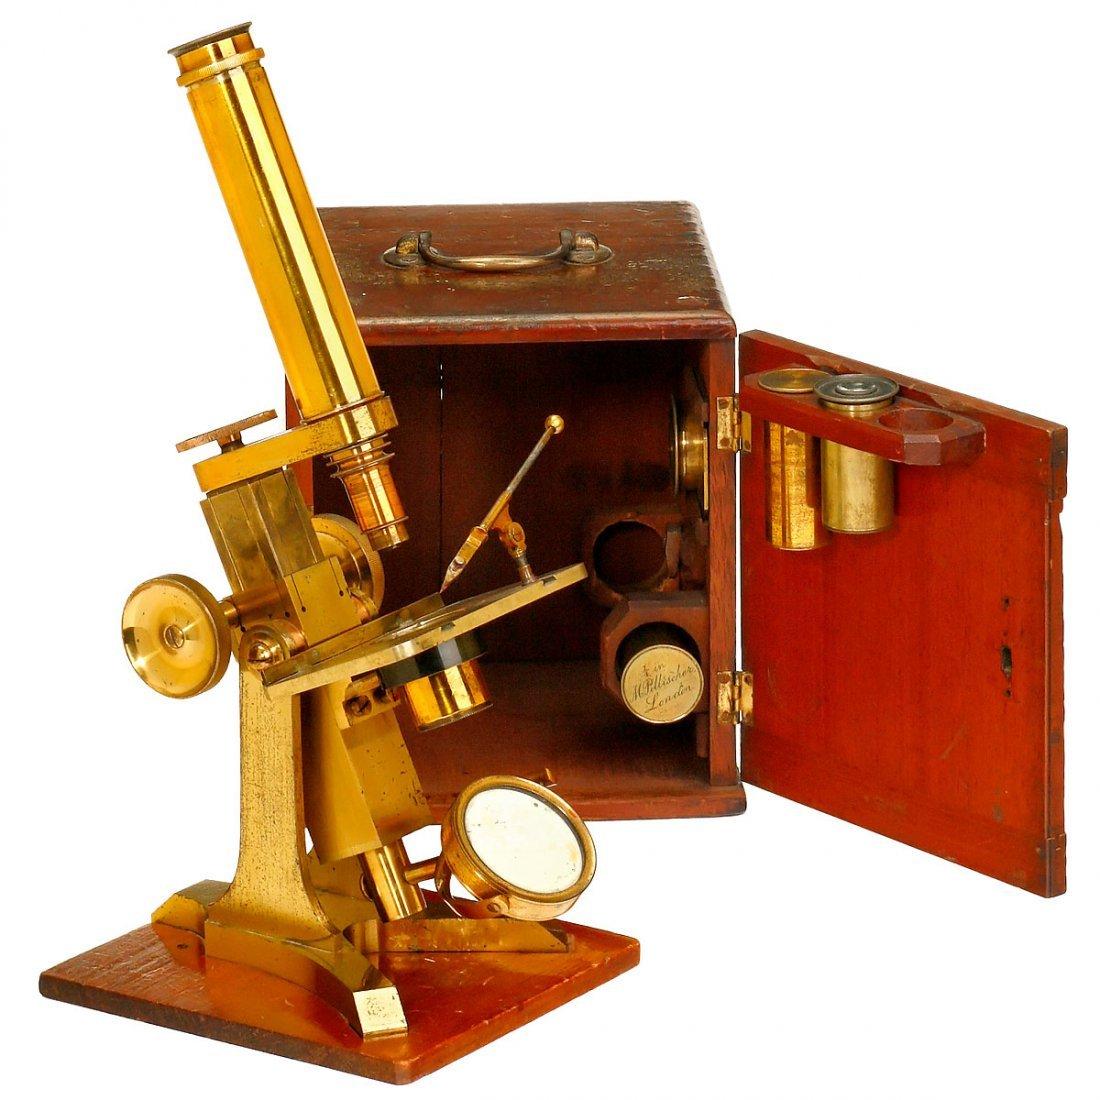 Pillischer Compound Brass Microscope, c. 1860